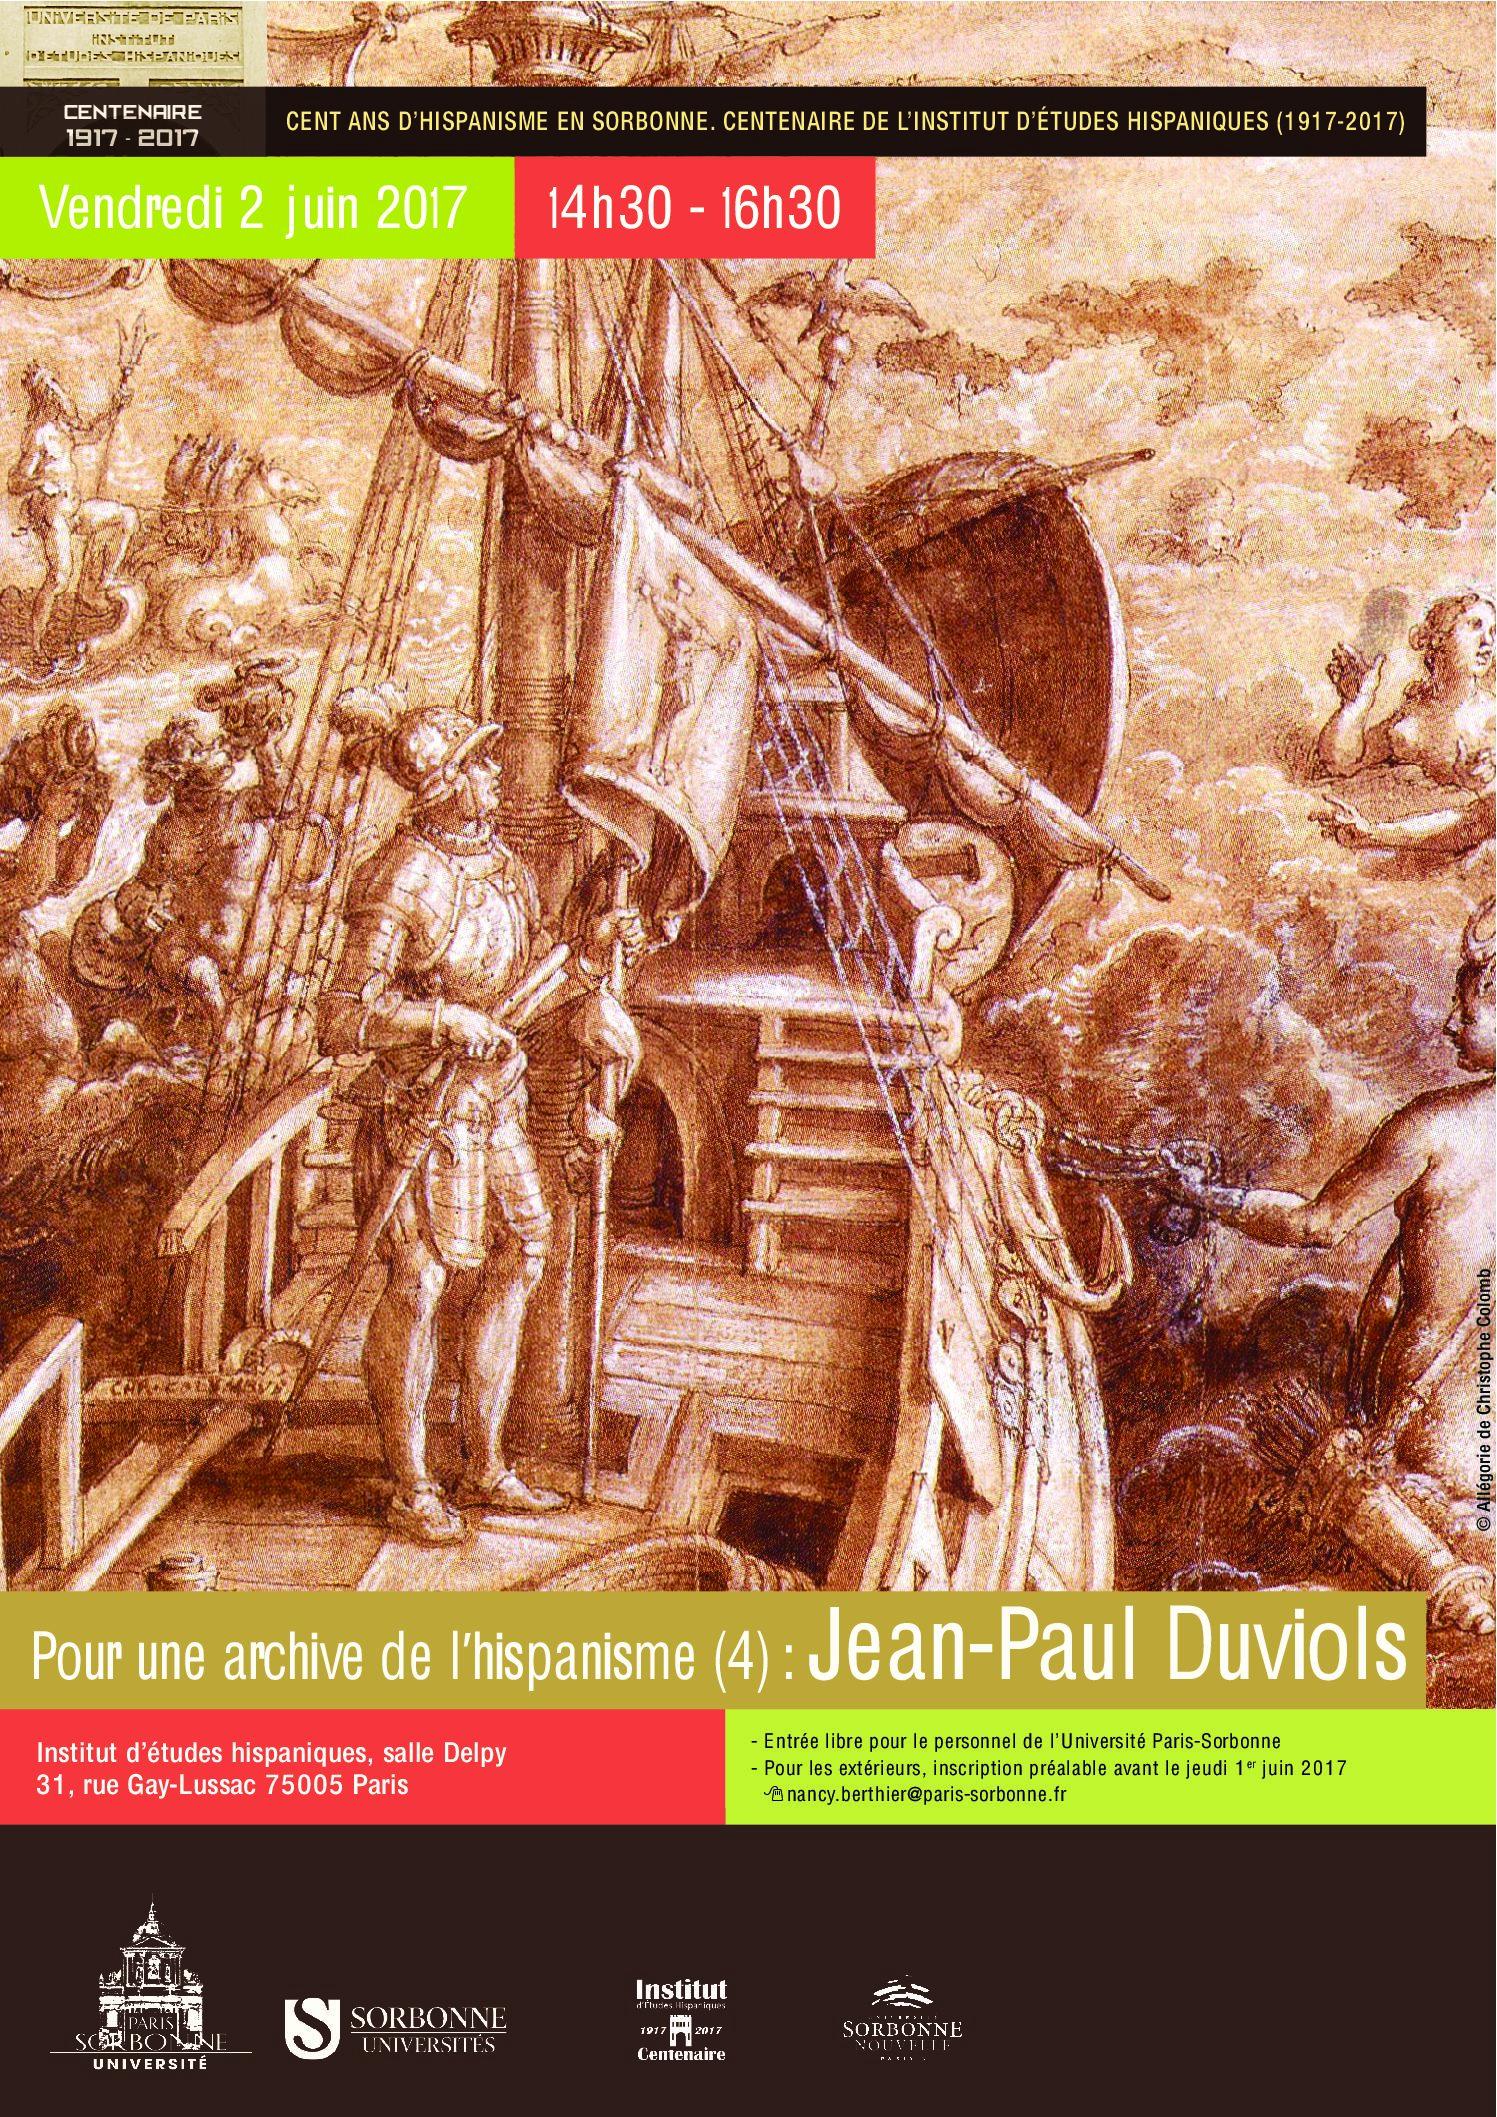 Pour une archive de l'hispanisme (4): Jean-Paul Duviols